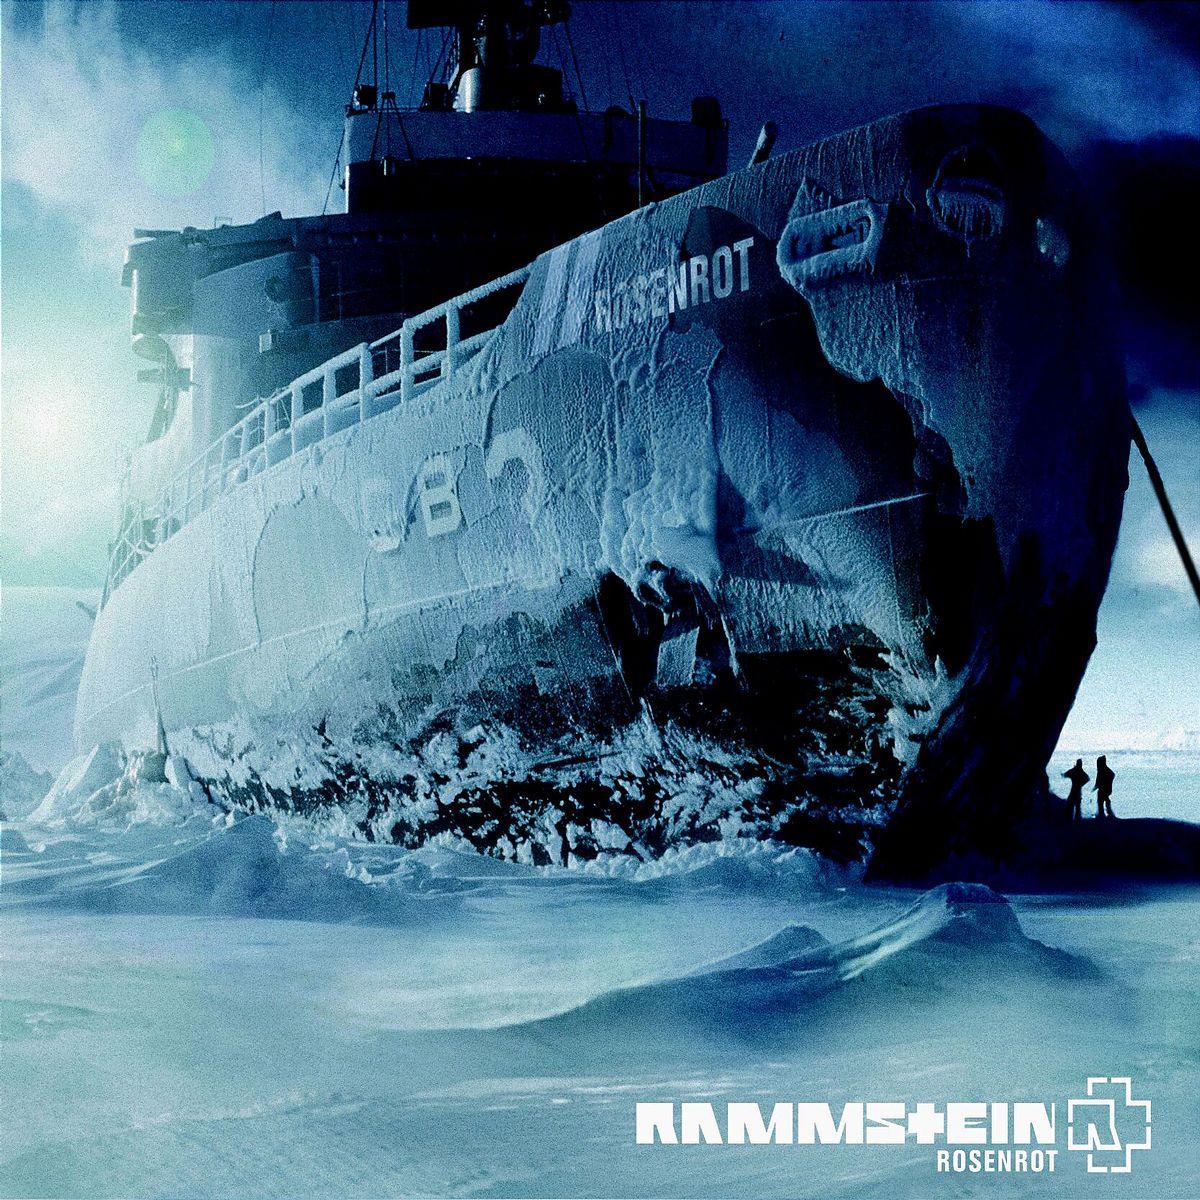 Rammstein - Rosenrot album cover